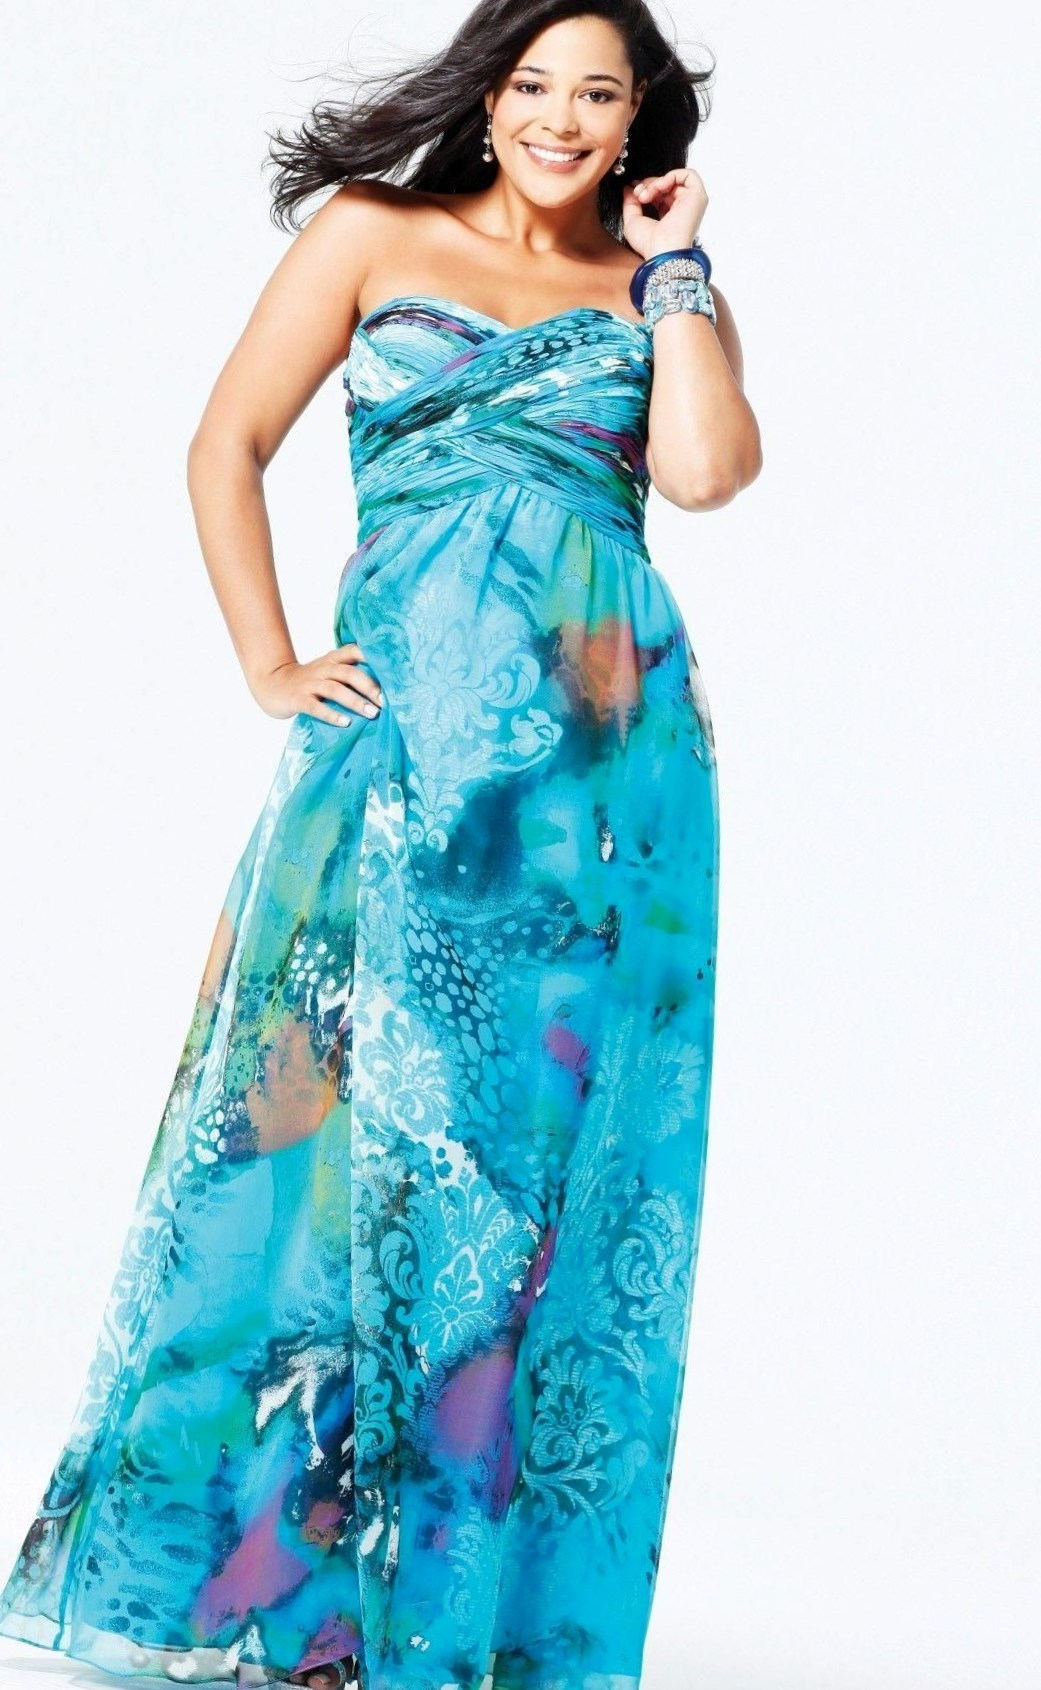 6b7534e3a3ad «Летние платья для полных девушек фото https   vilingstore.net Platya-r377»  — карточка пользователя zayceva.nika в Яндекс.Коллекциях